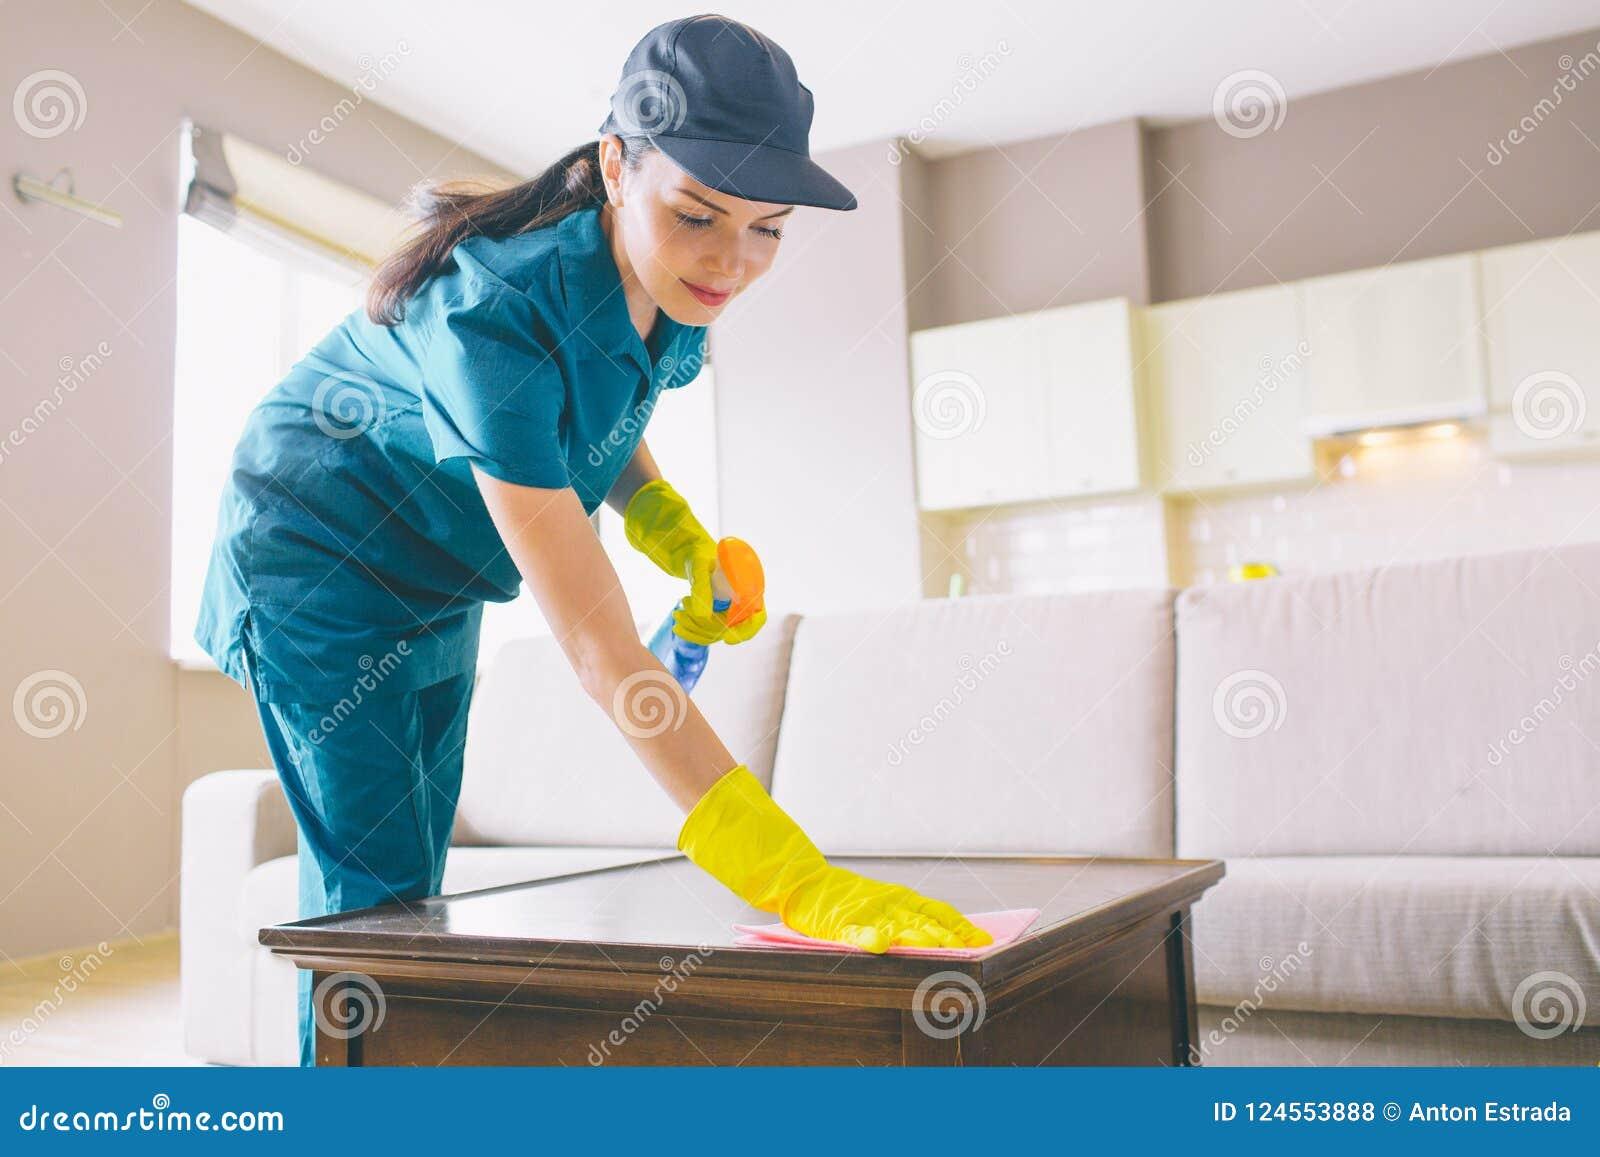 Επαγγελματική καθαρότερη wahsing επιφάνεια του πίνακα χρησιμοποιεί το κουρέλι και τον ψεκασμό Το κορίτσι το κάνει προσεκτικό